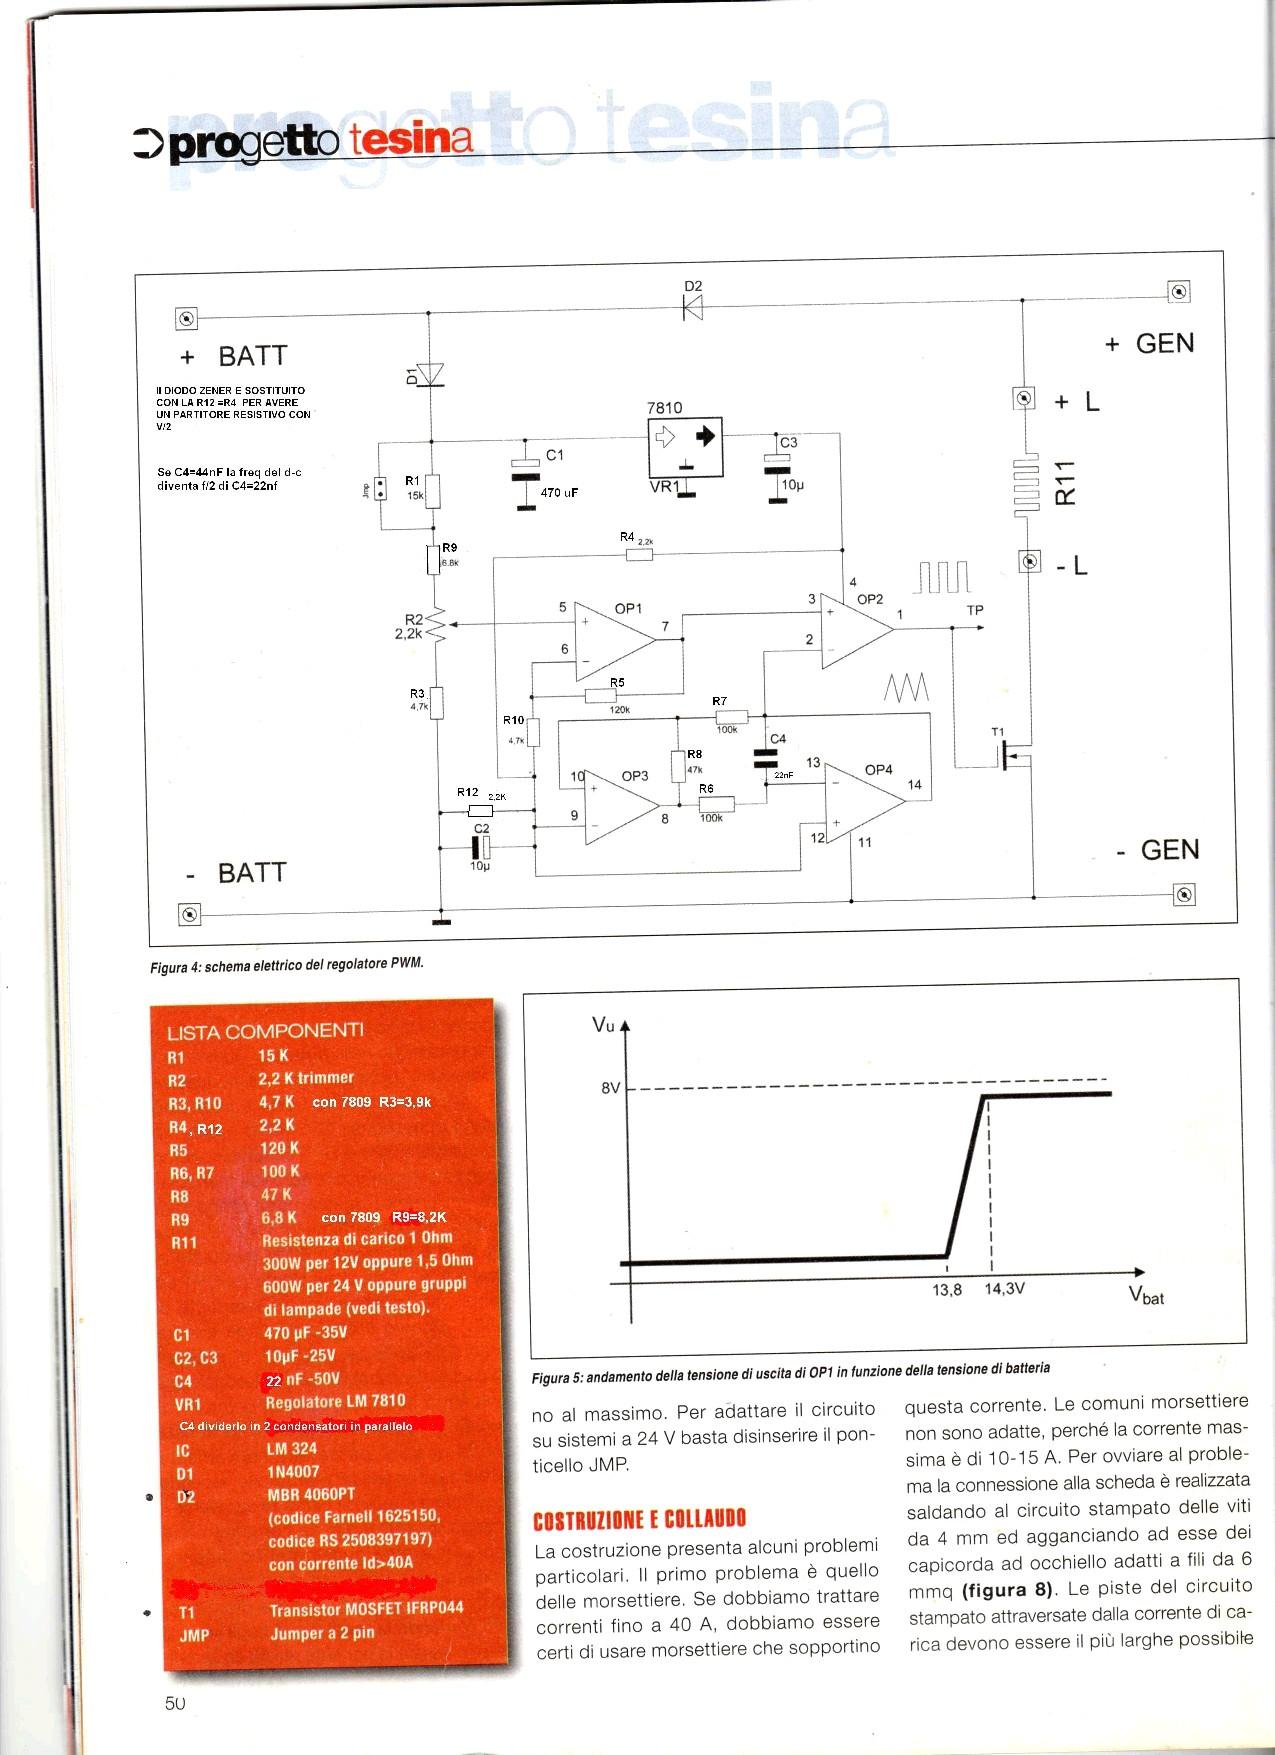 http://www.energialternativa.info/Public/NewForum/ForumEA/2/4/5/6/8/1/9/1336408783.jpg